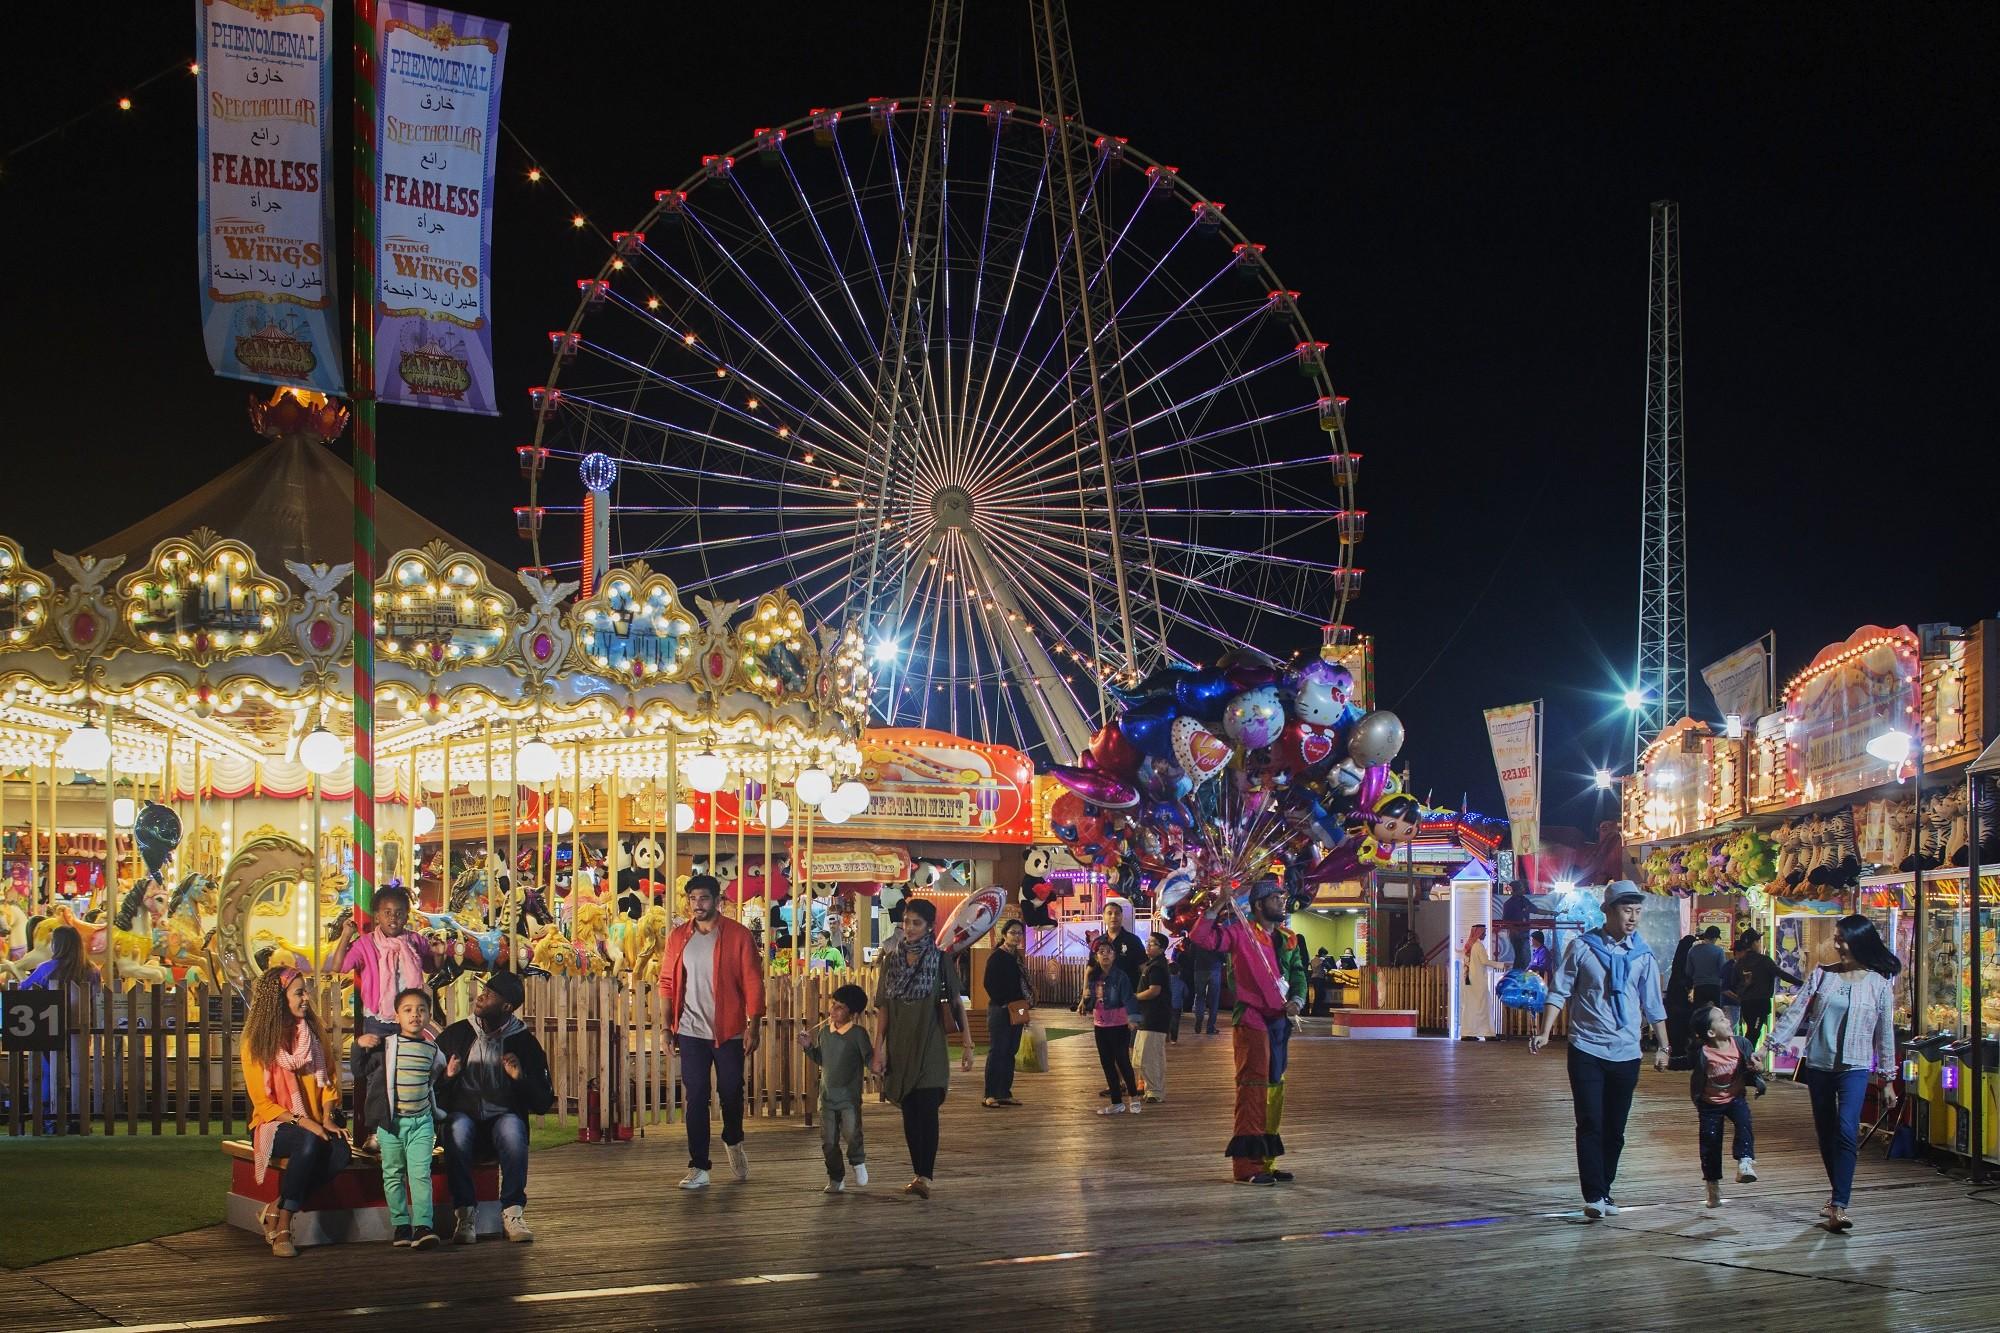 زمان فستیوال خرید دبی در سال 2019 اعلام شد